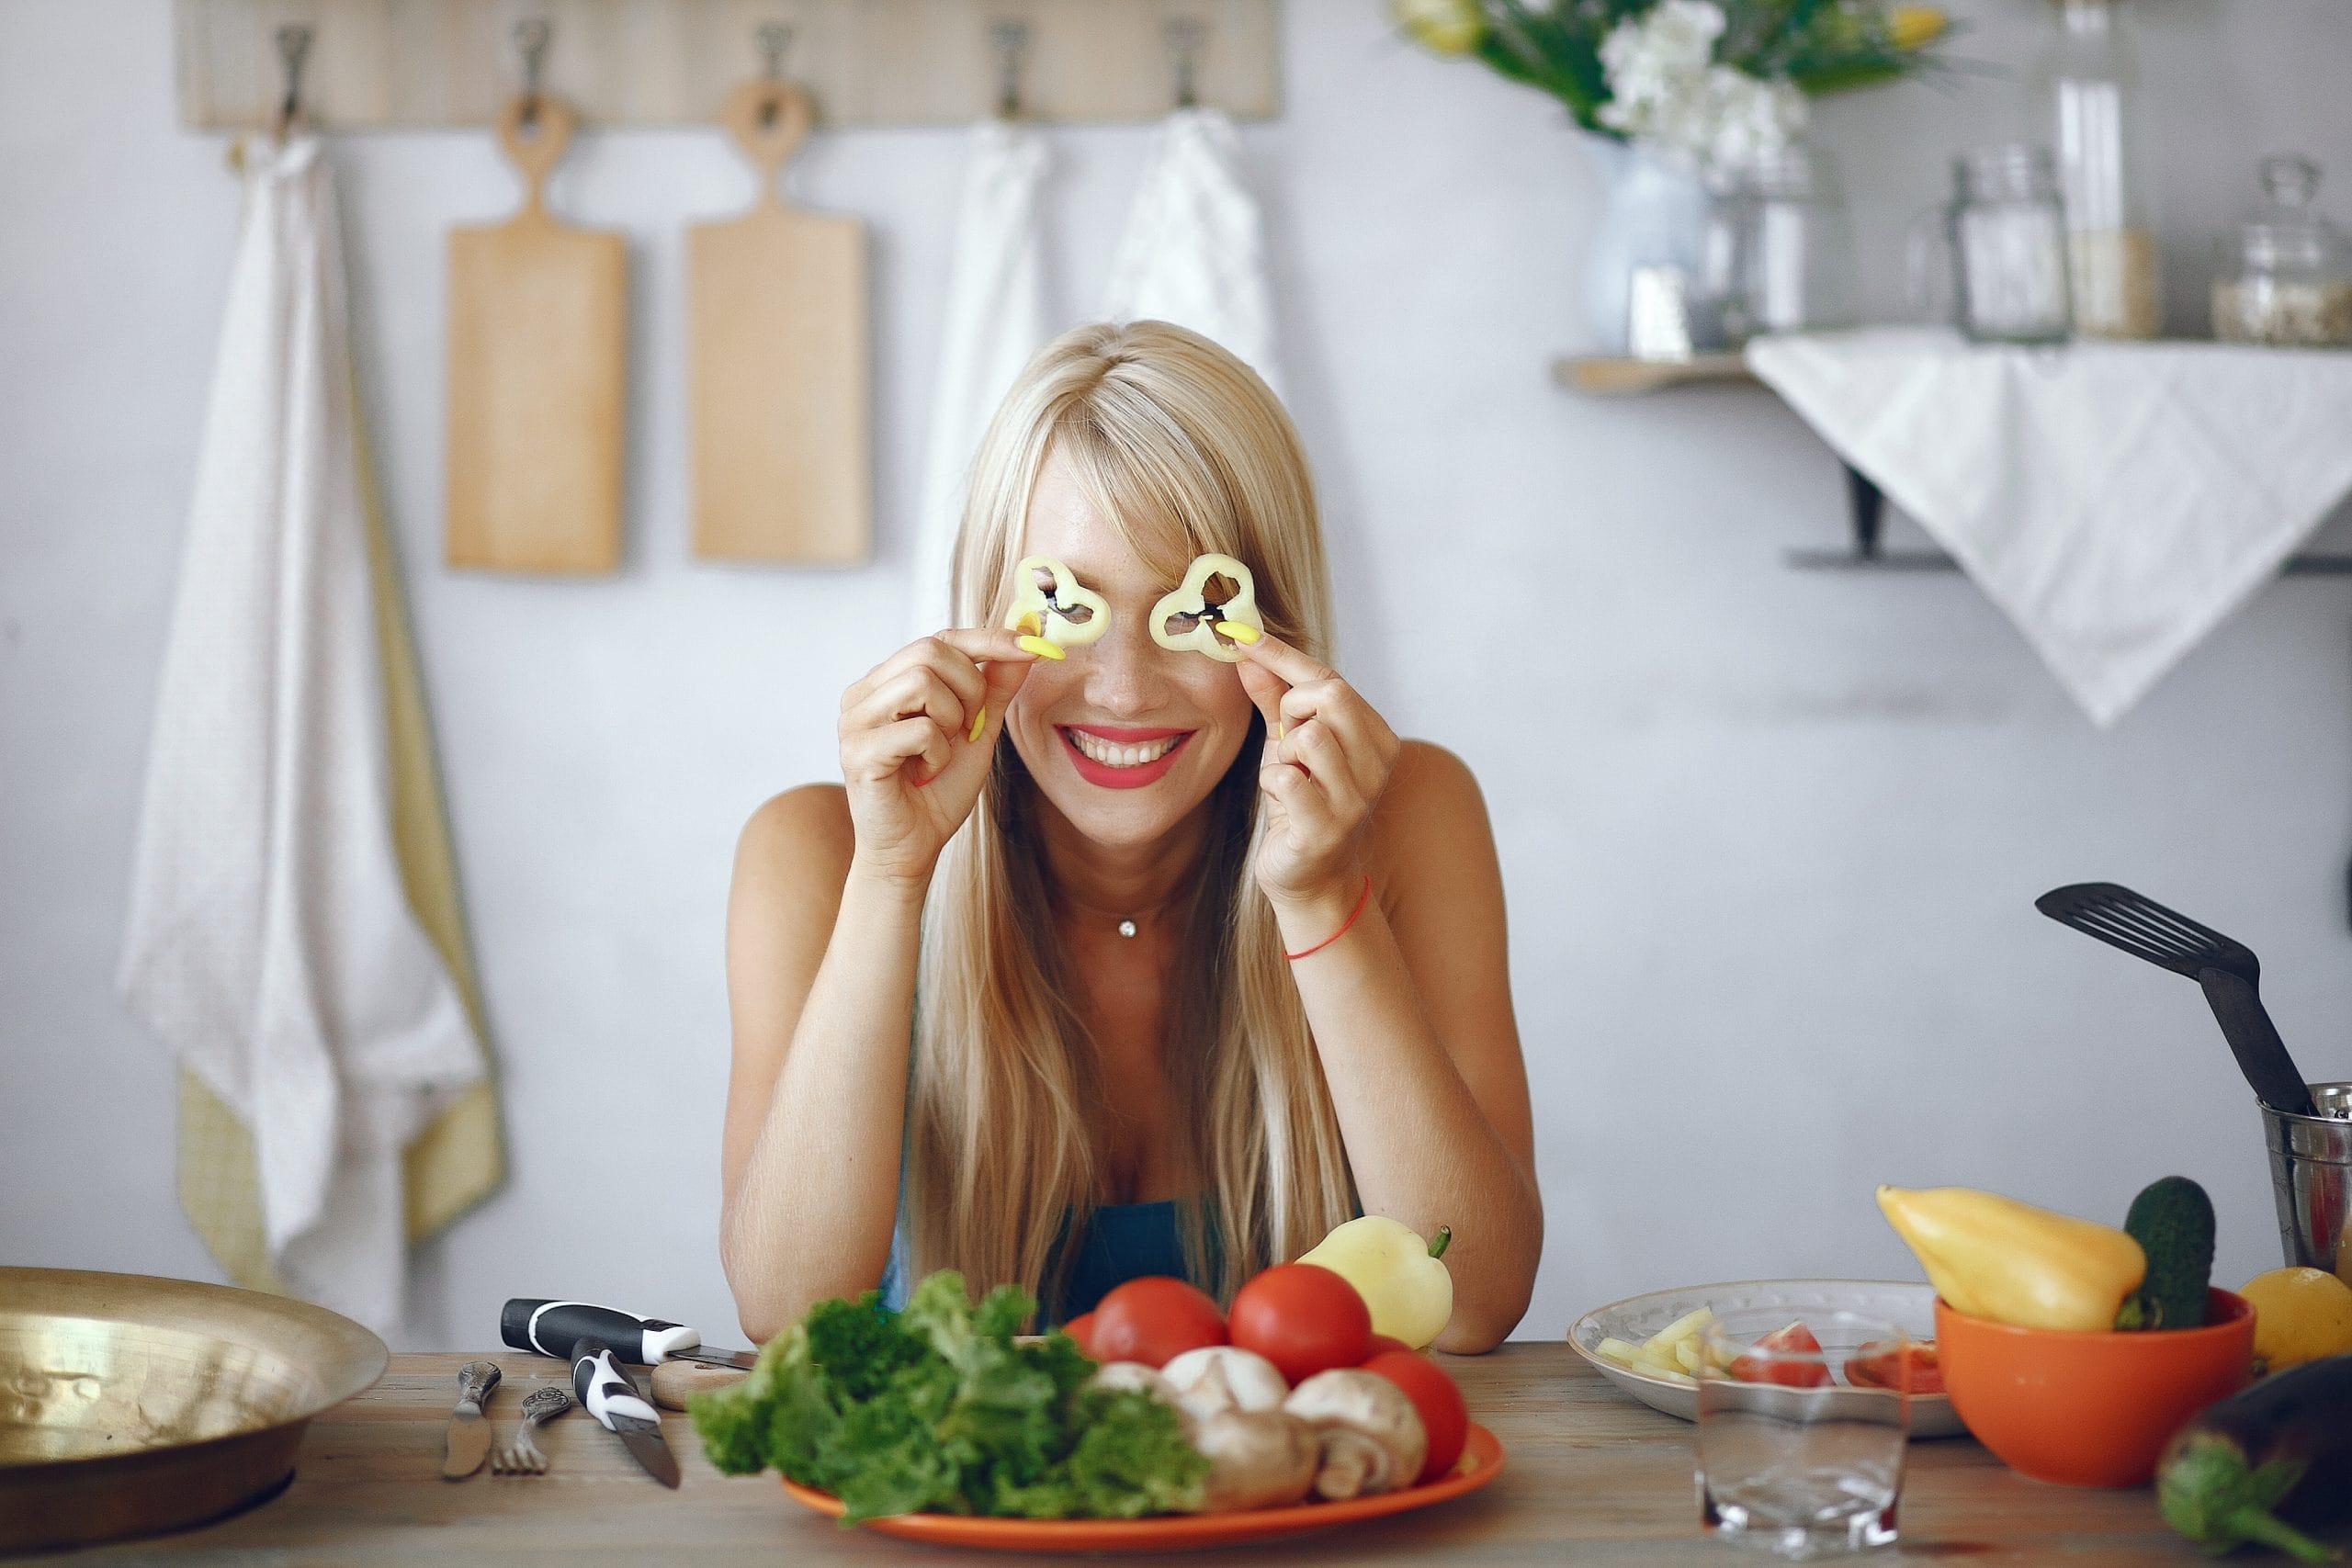 Durch die richtige Ernährung erlangen wir mehr Wohlbefinden